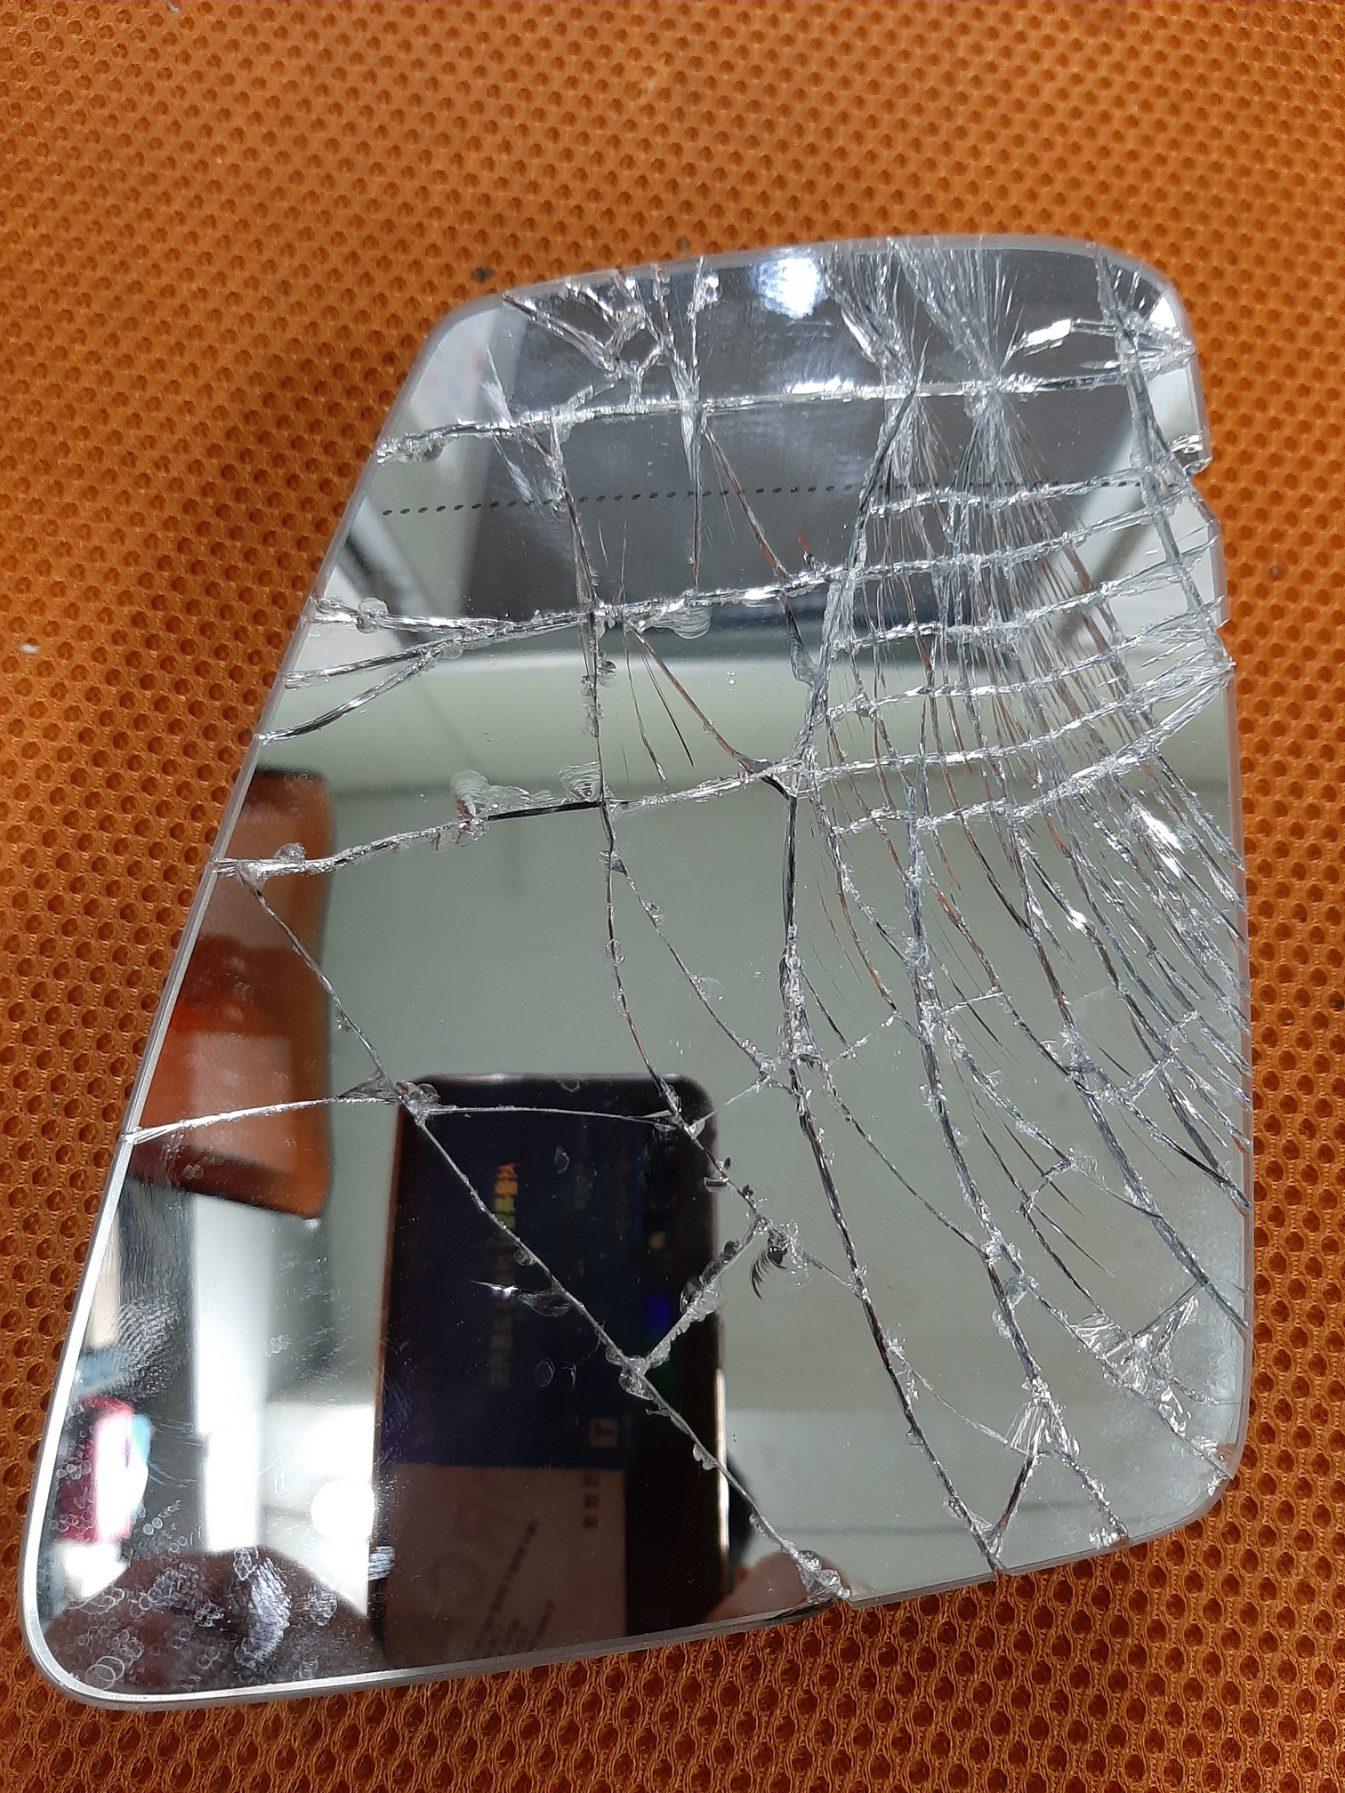 Benz Eclass Broken Mirror